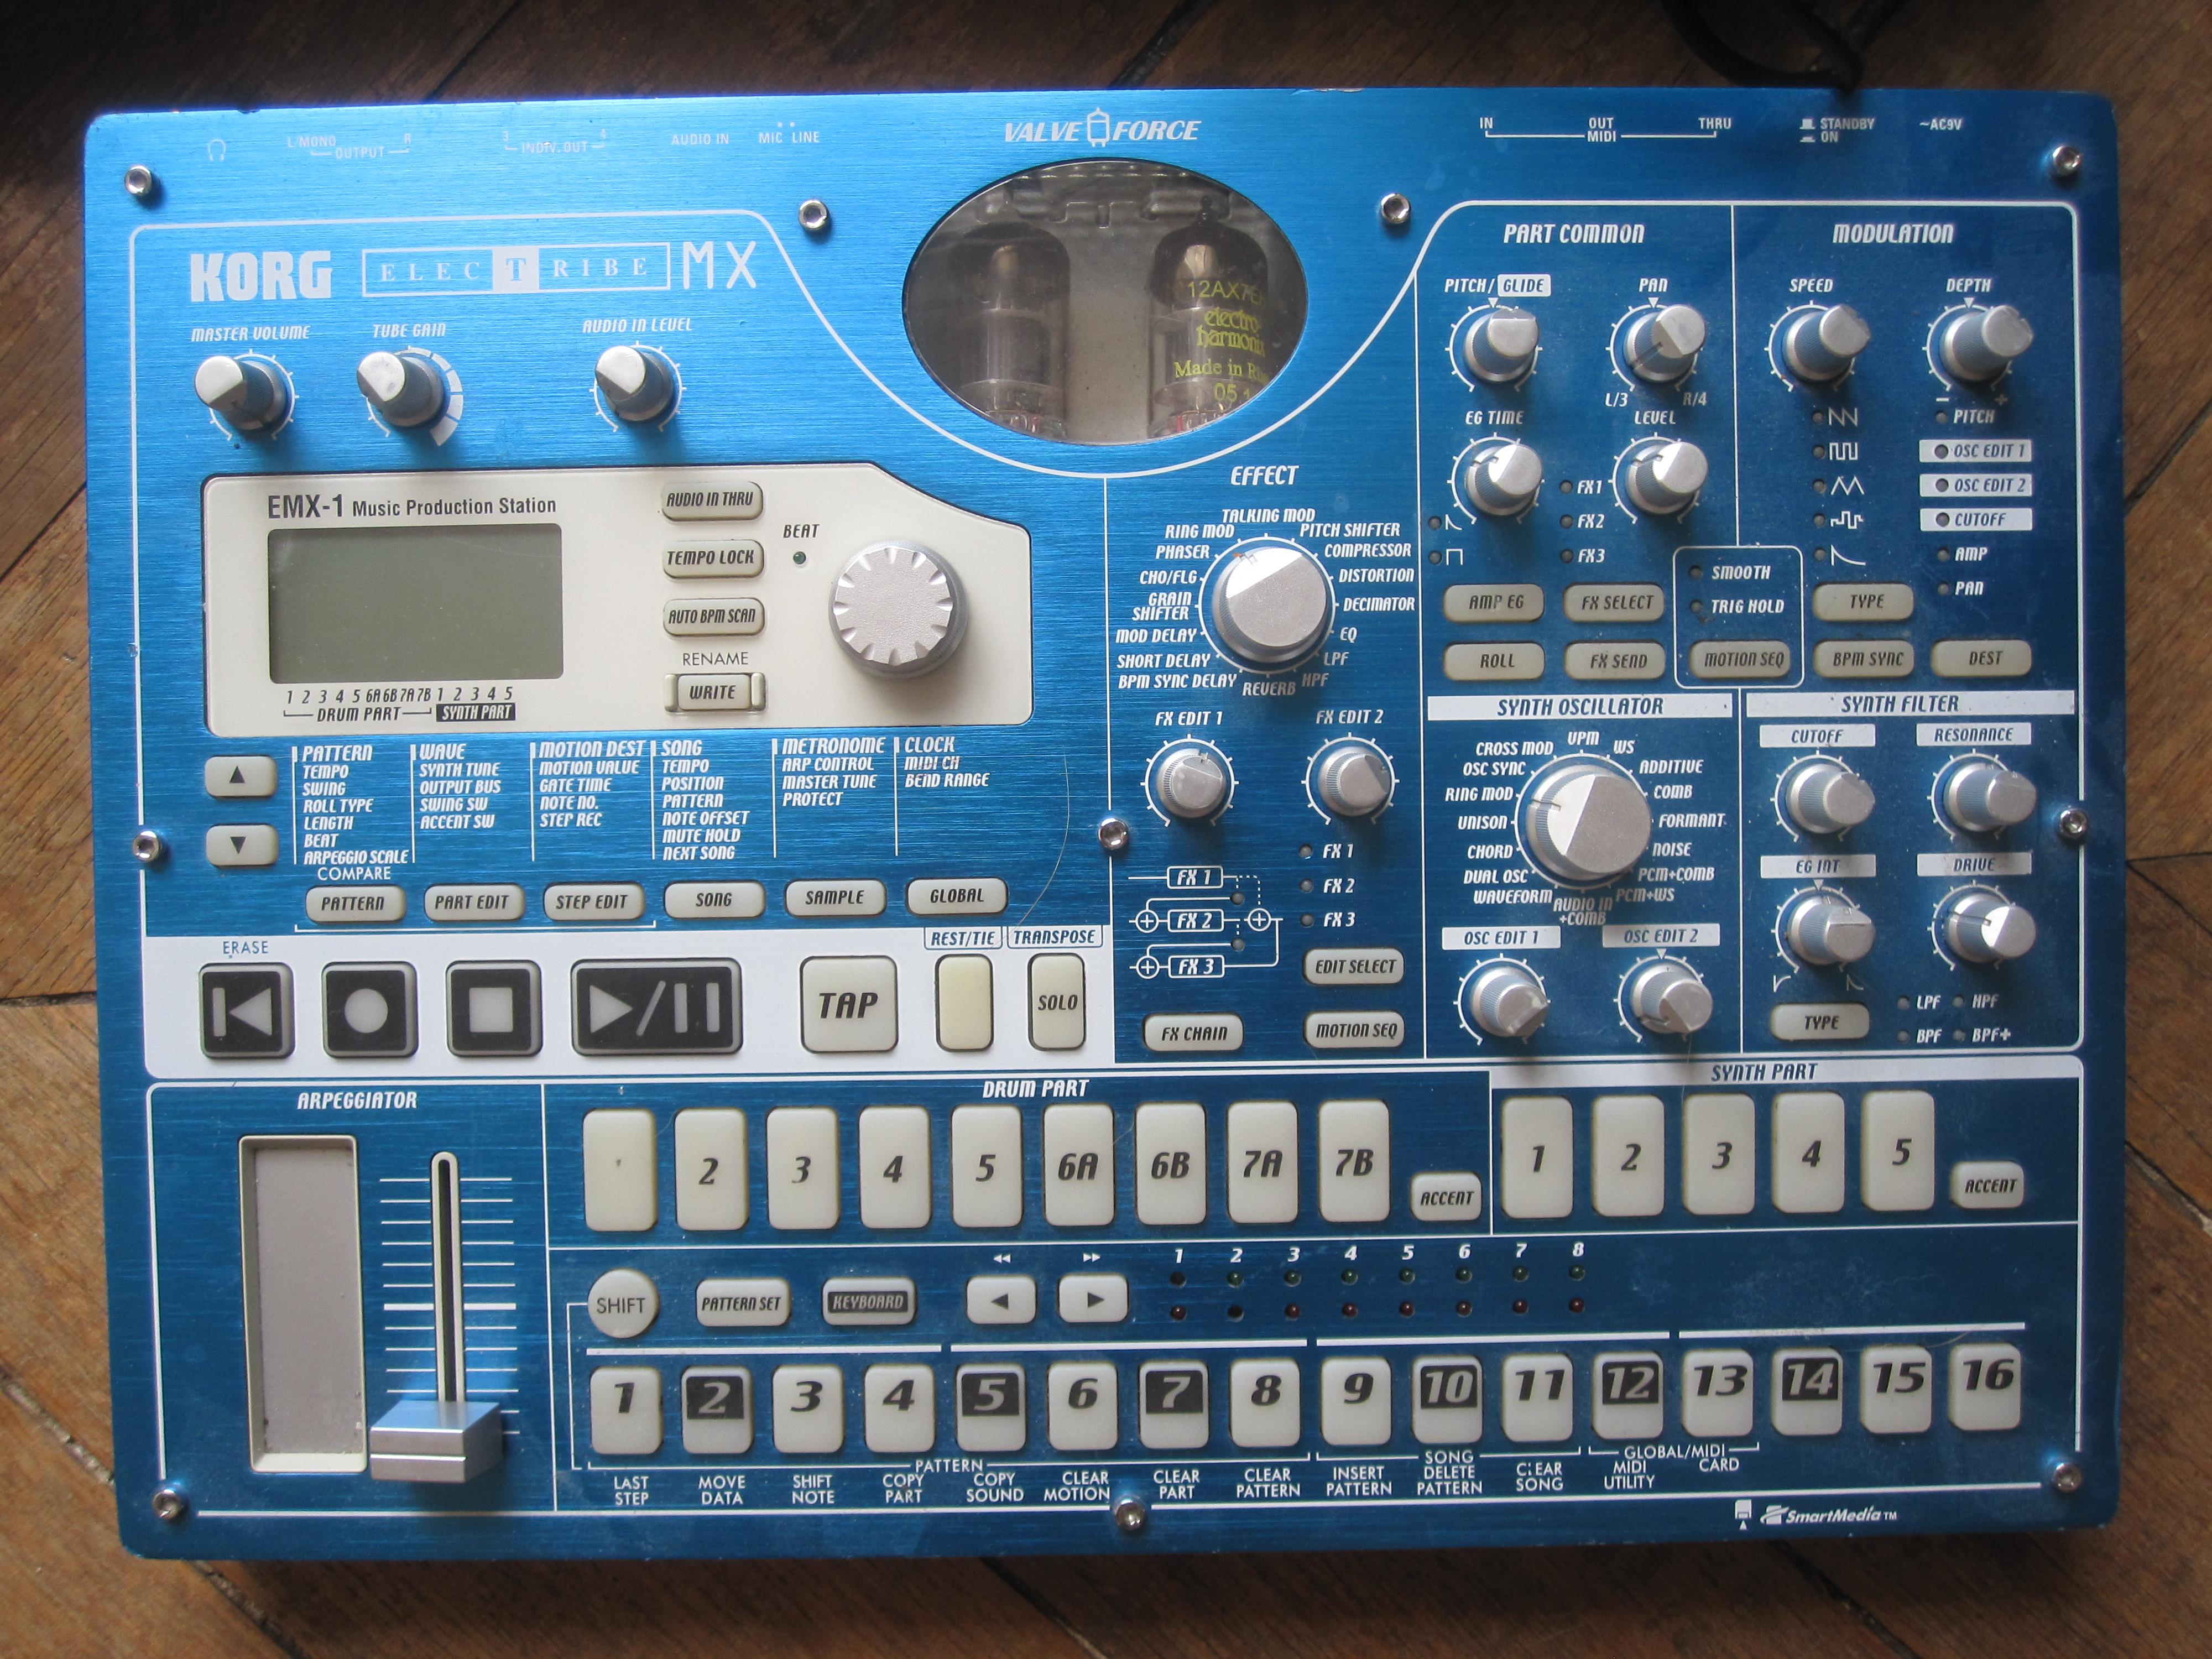 Korg ElecTribe EMX1 image (#278943) - Audiofanzine